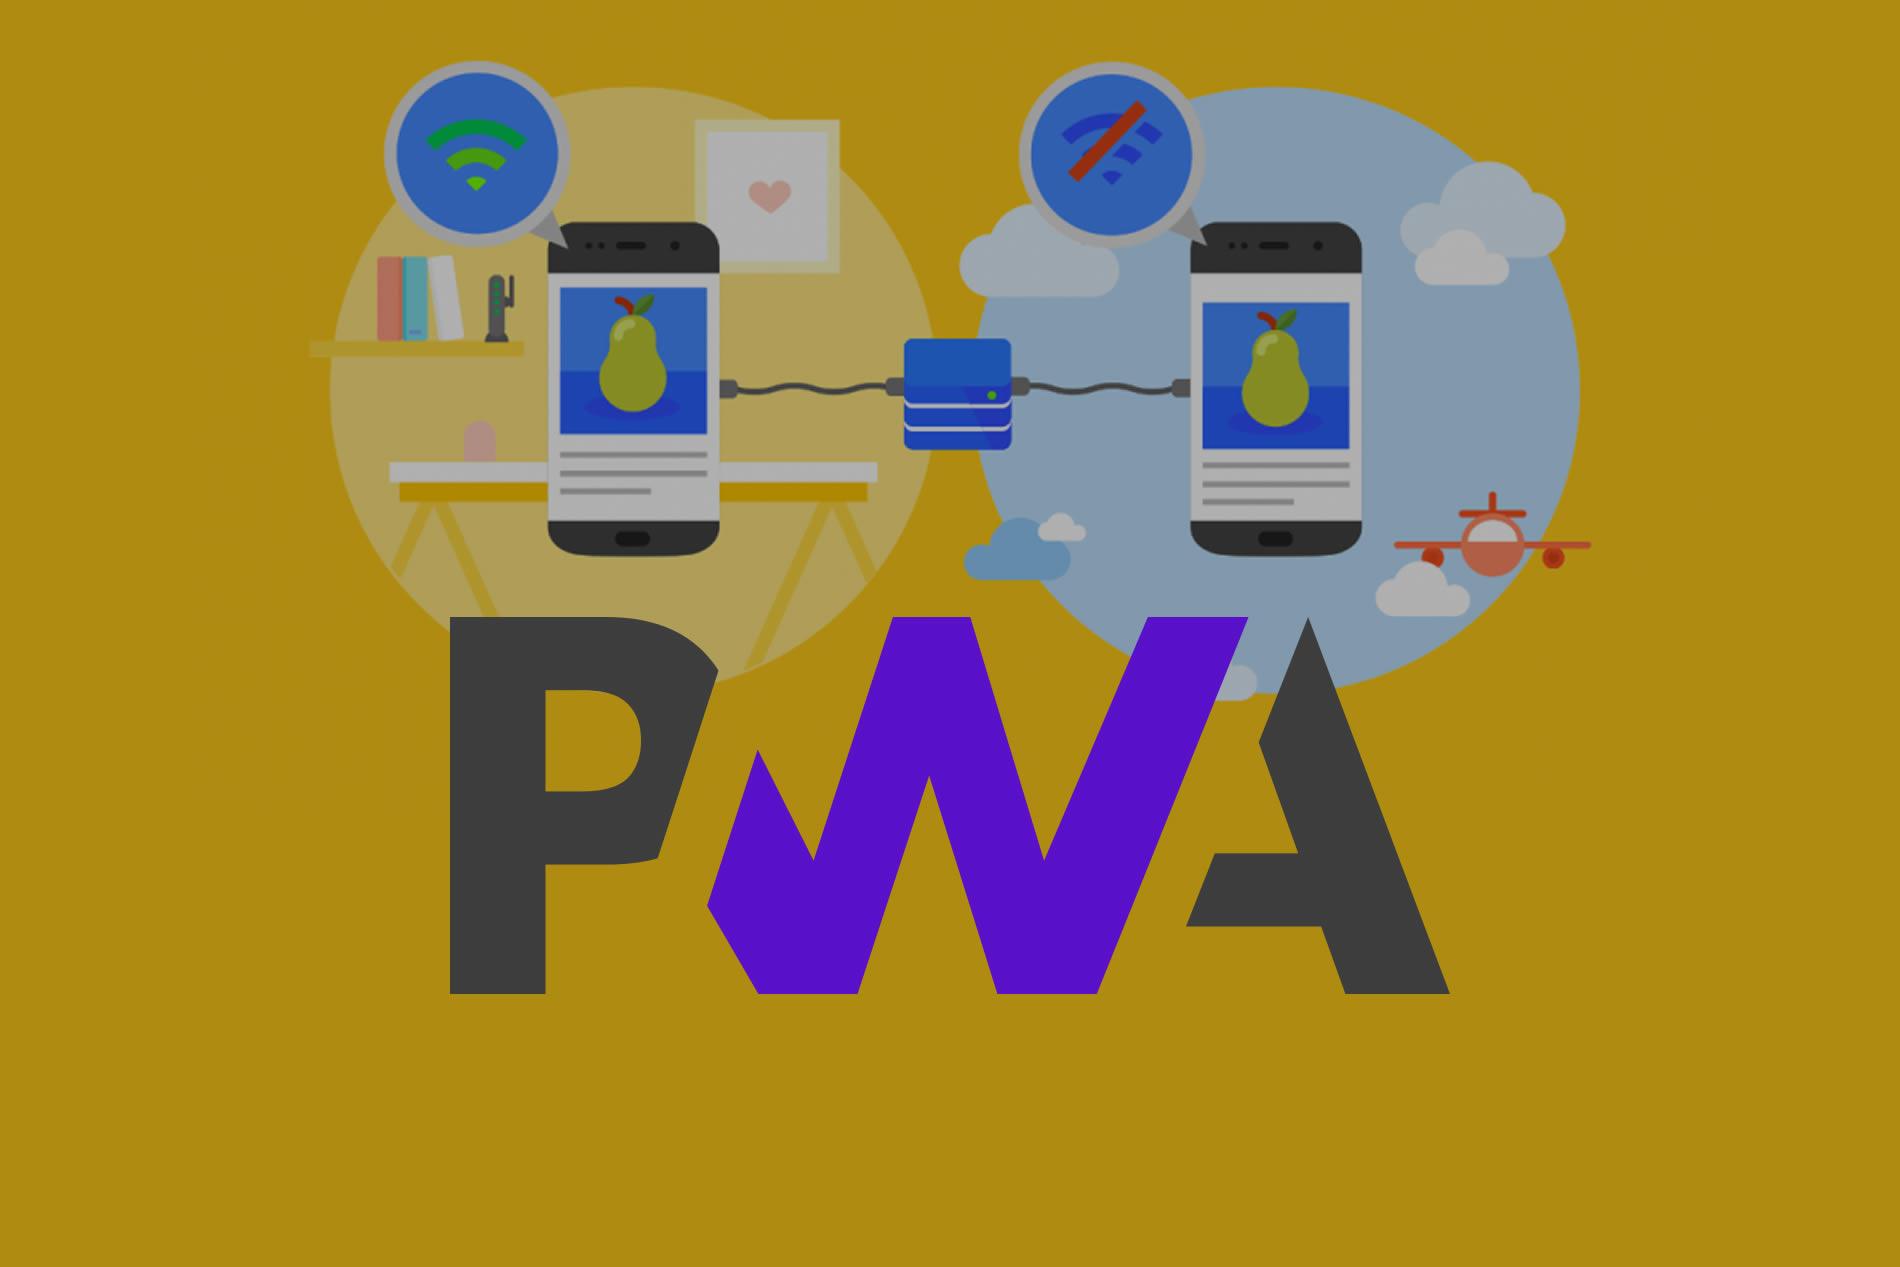 Página Web y APP (PWA, Progressive Web Apps)